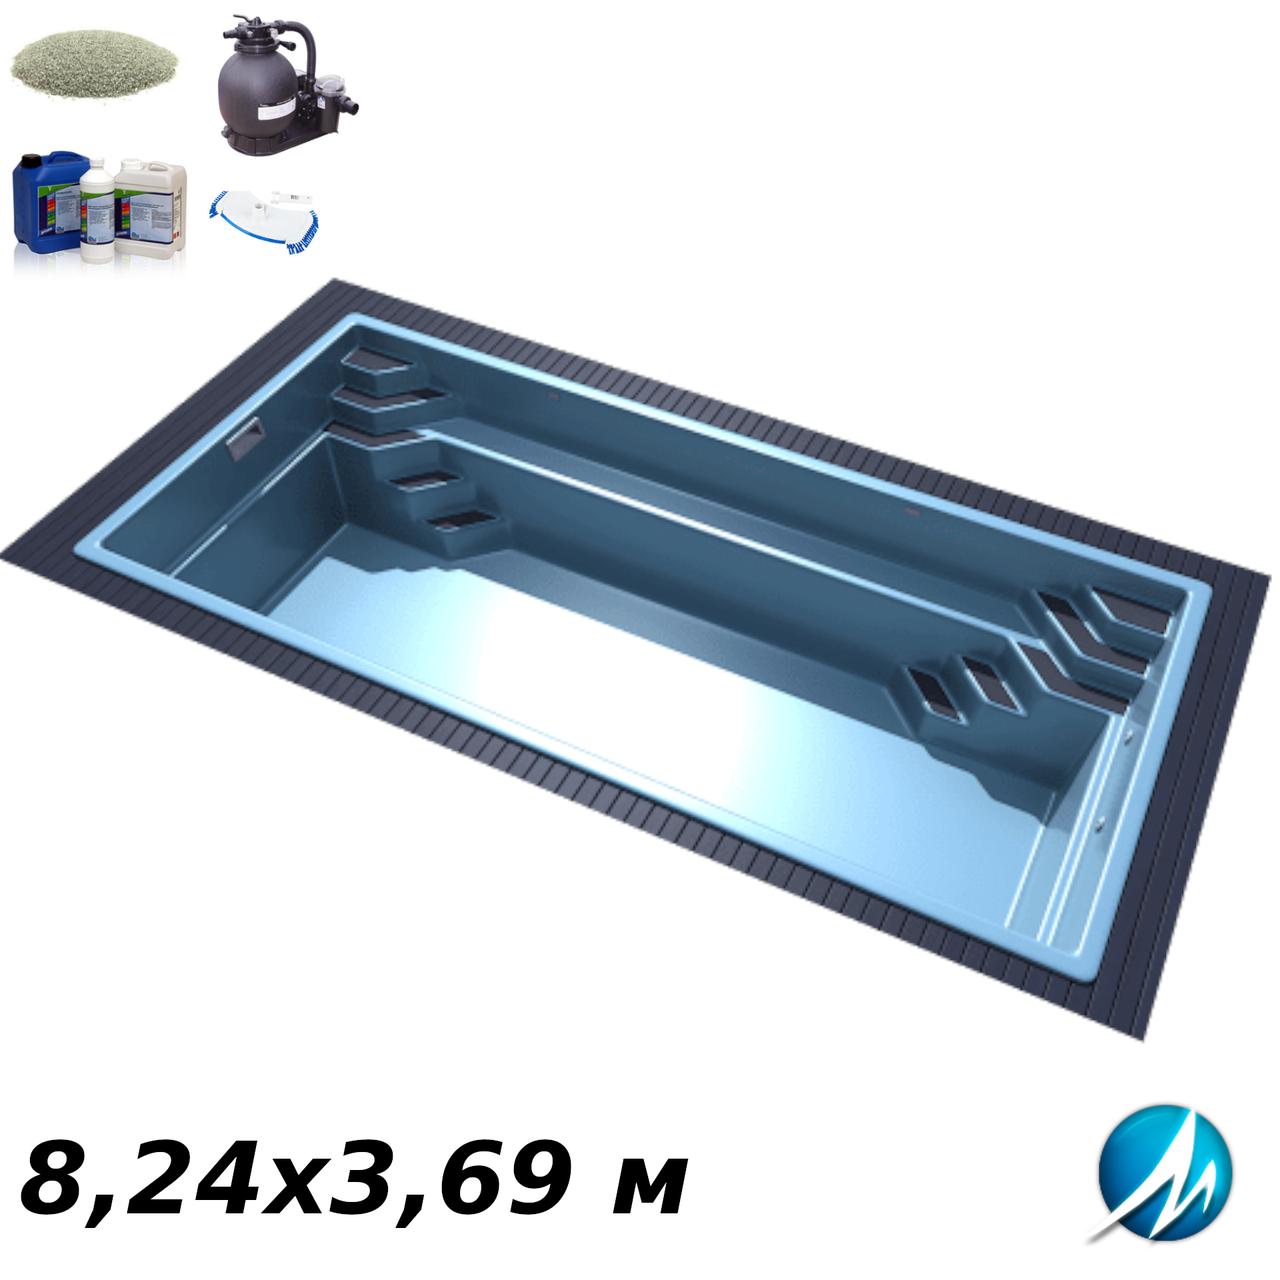 Комплект оборудования для стекловолоконного бассейна 8,24х3,69 м